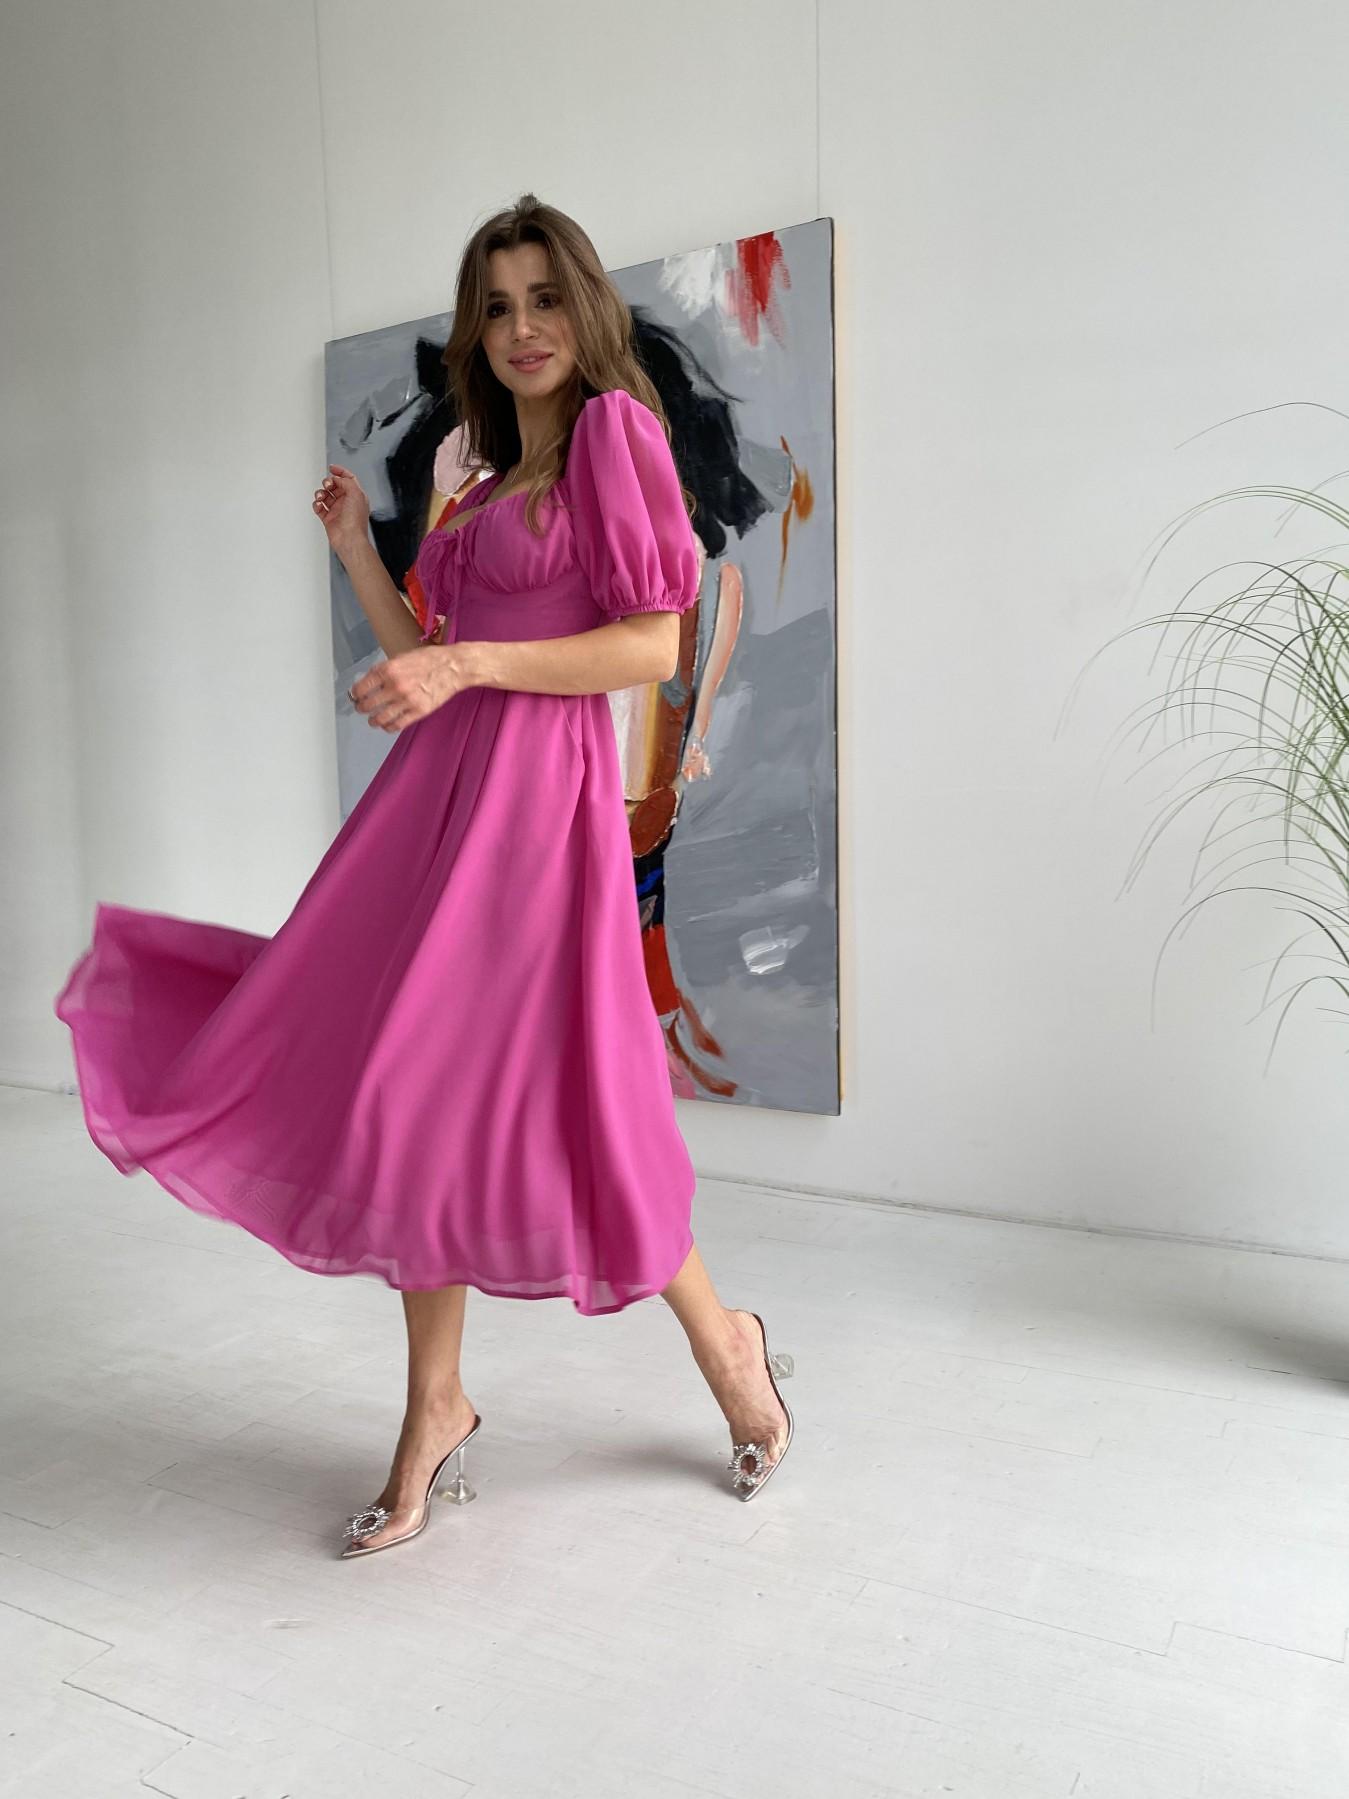 Платье оптом от производителя Modus Кисес Миди платье шифон Микро однотонный 11603